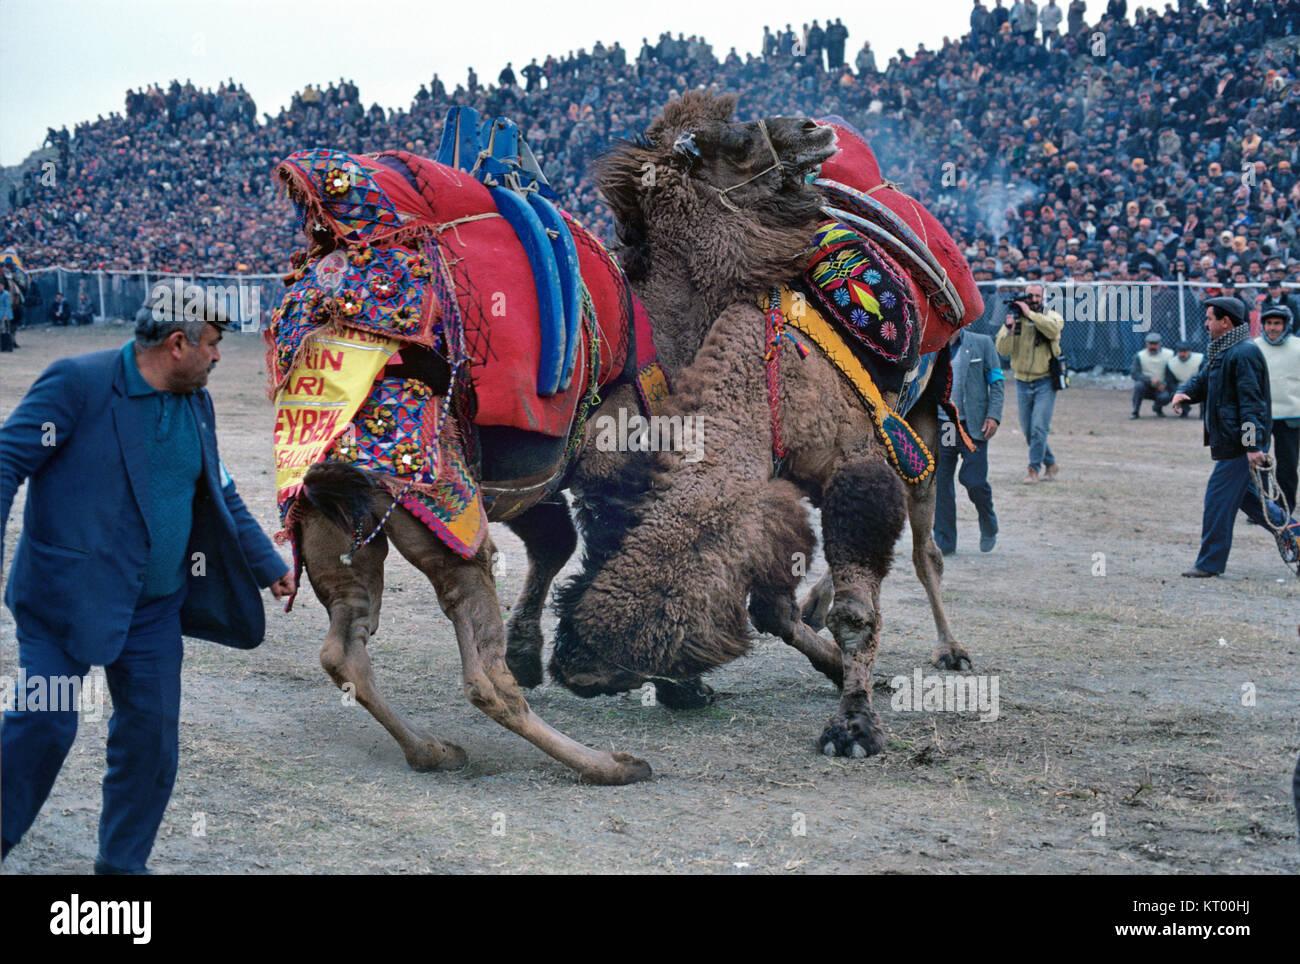 Les hommes turcs ou des Turcs et habillé des chameaux ou dromadaires lutte se rassemblent à la lutte de Photo Stock